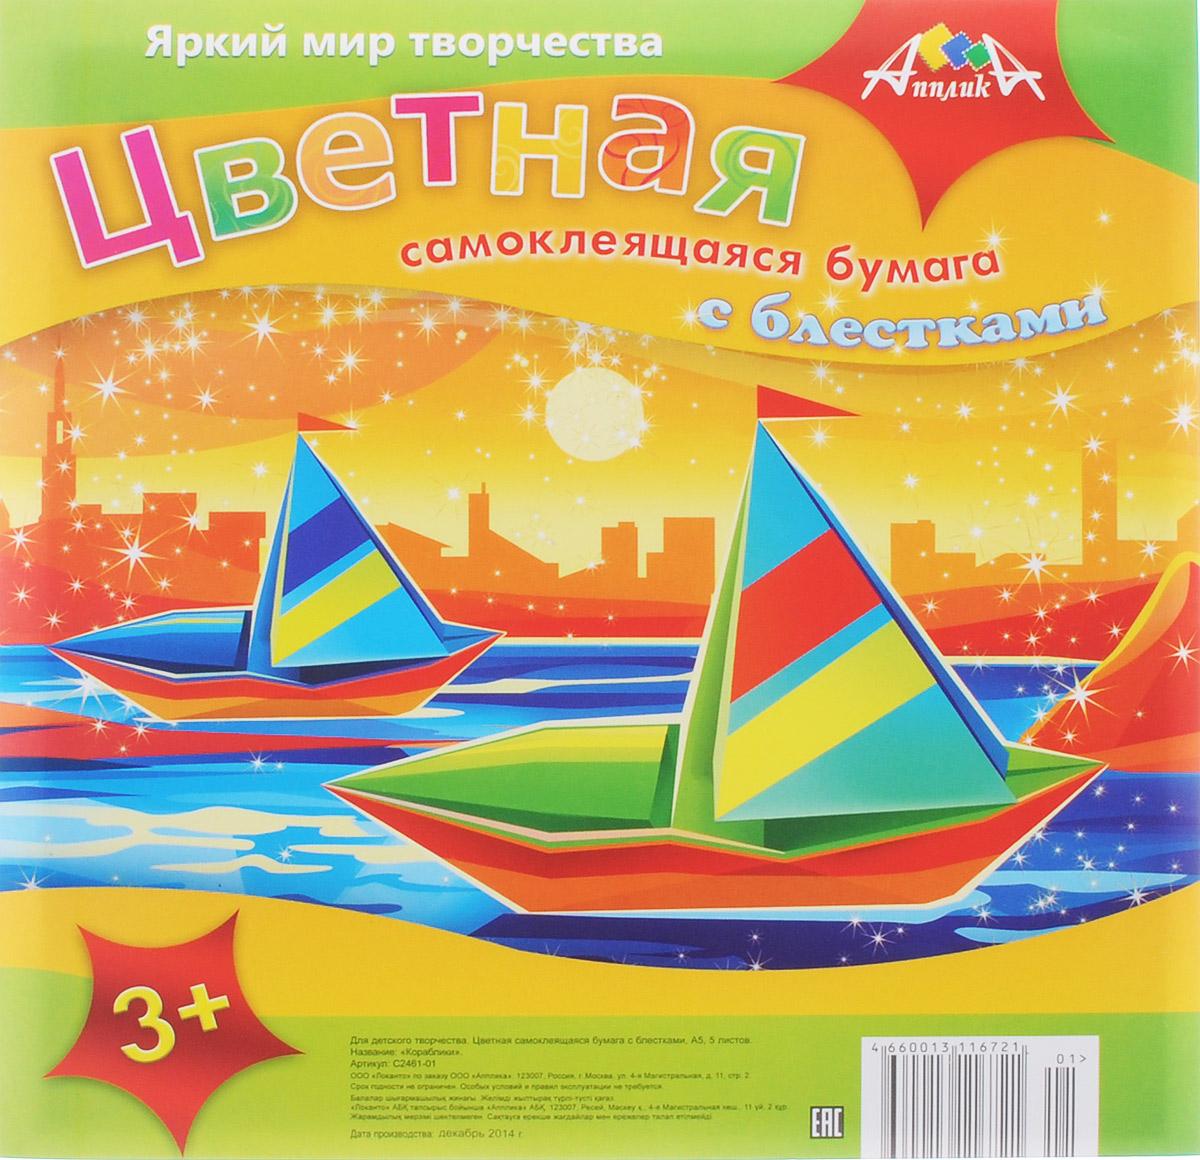 Апплика Цветная бумага самоклеящаяся с блестками Кораблики 5 листов sadipal бумаги флюоресцентная 5 цветов 5 листов 15429